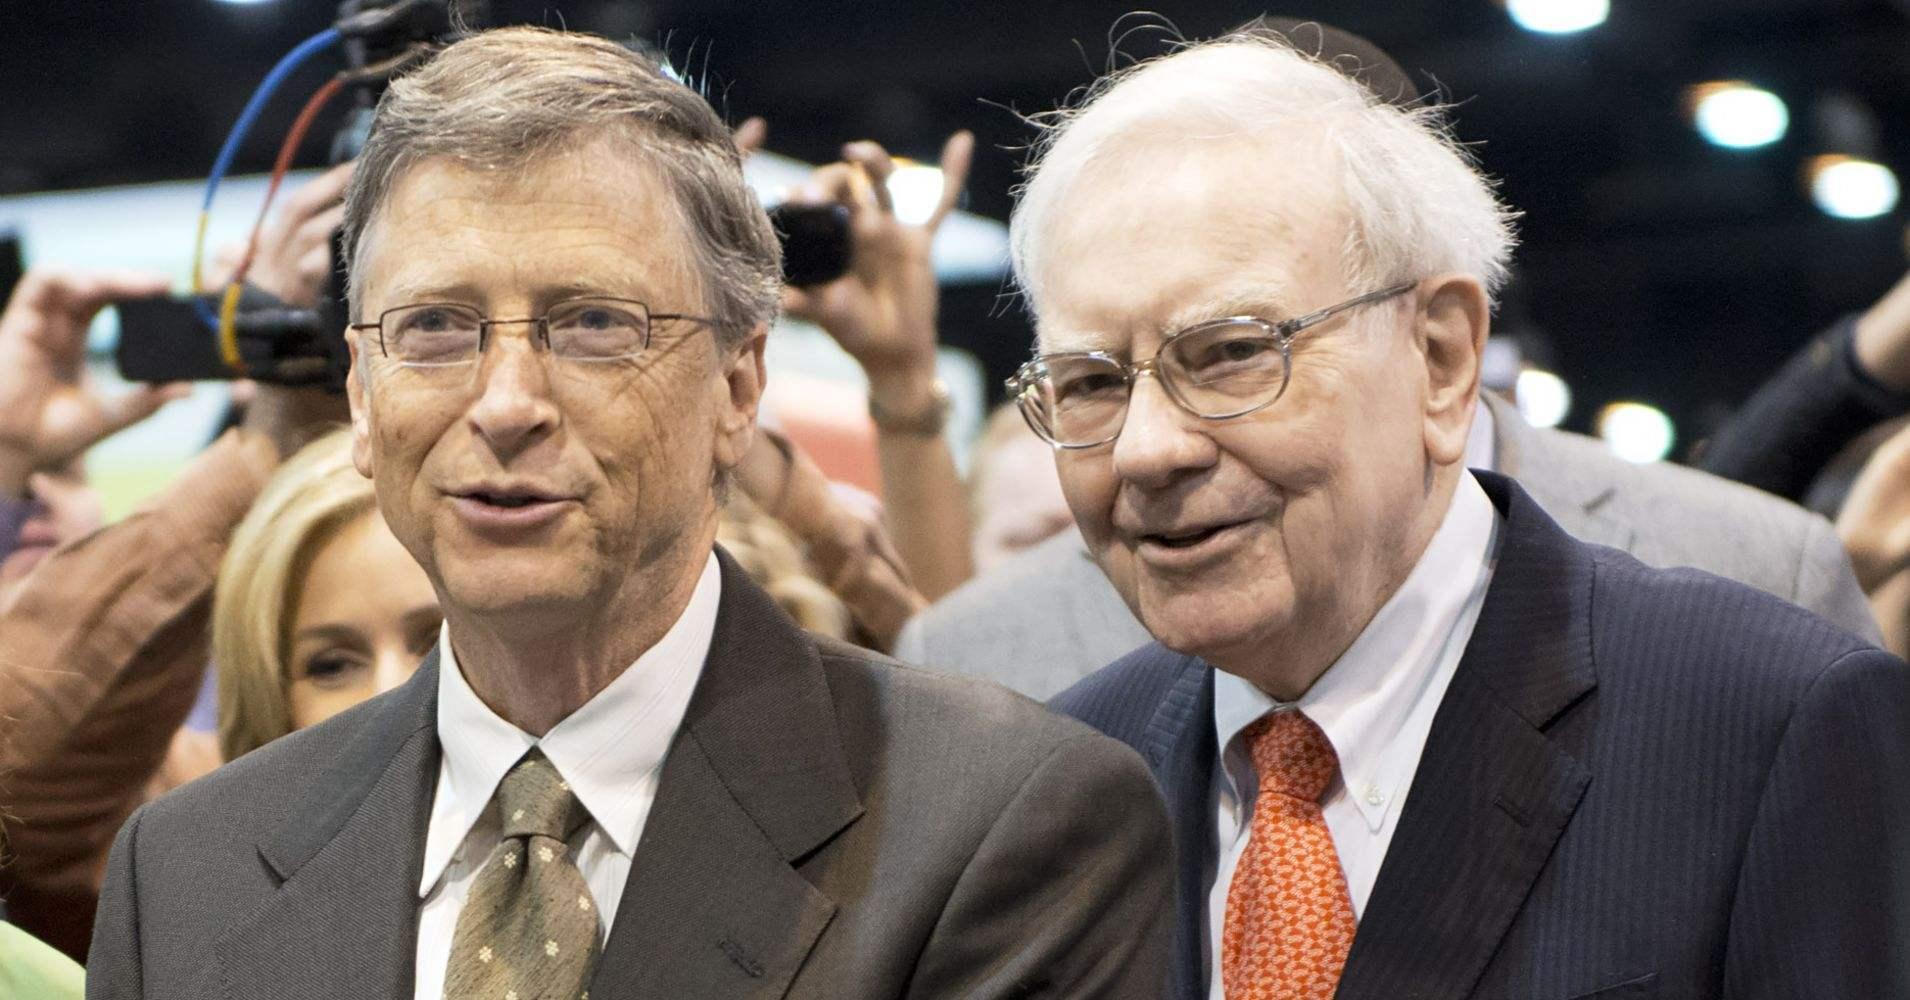 比尔·盖茨最近经常和巴菲特聊天,说一个行业的销售额正在创历史新高